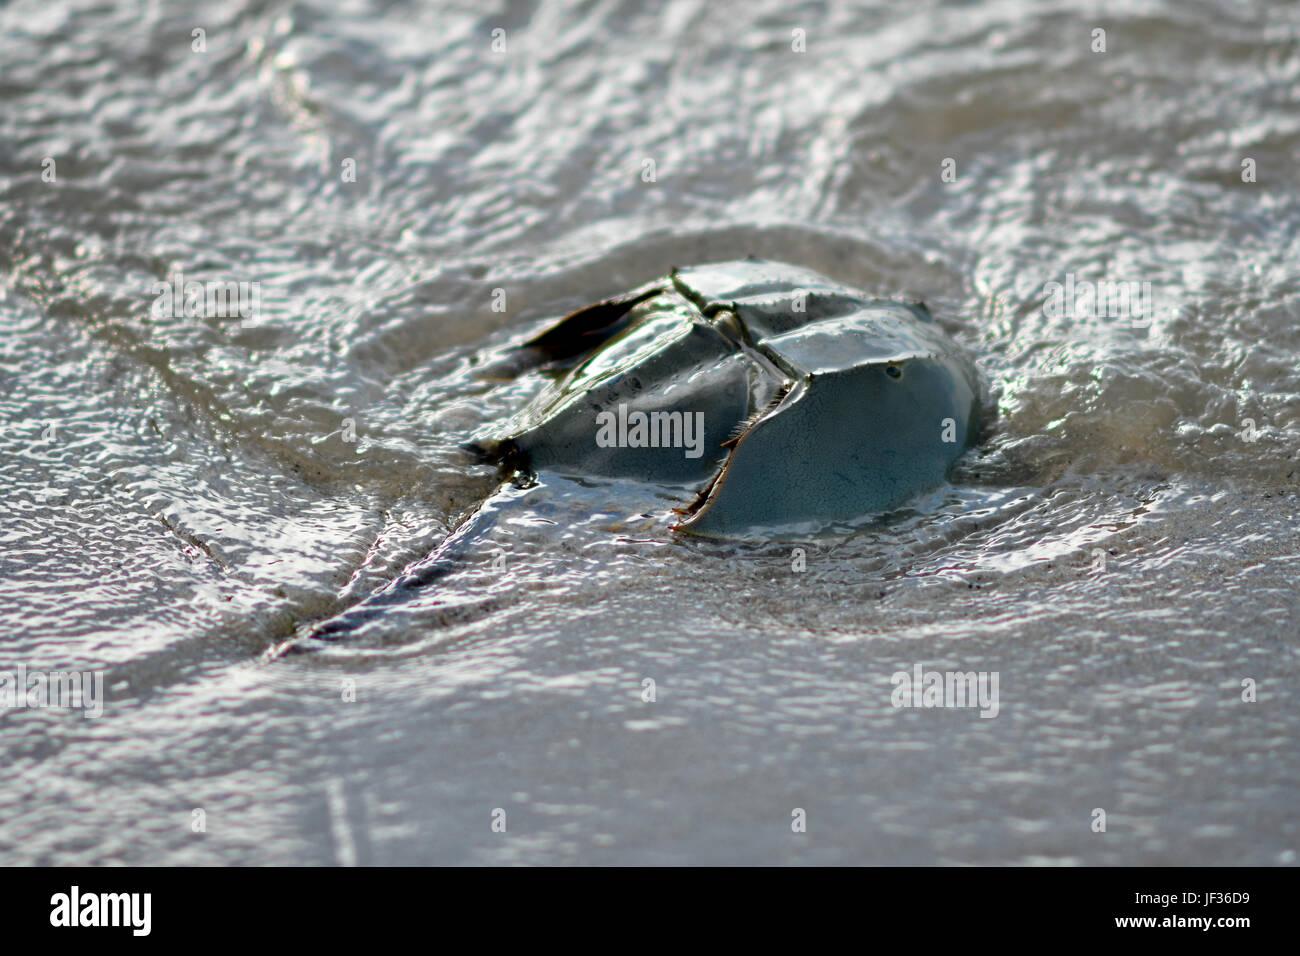 Horseshoe crab - Stock Image